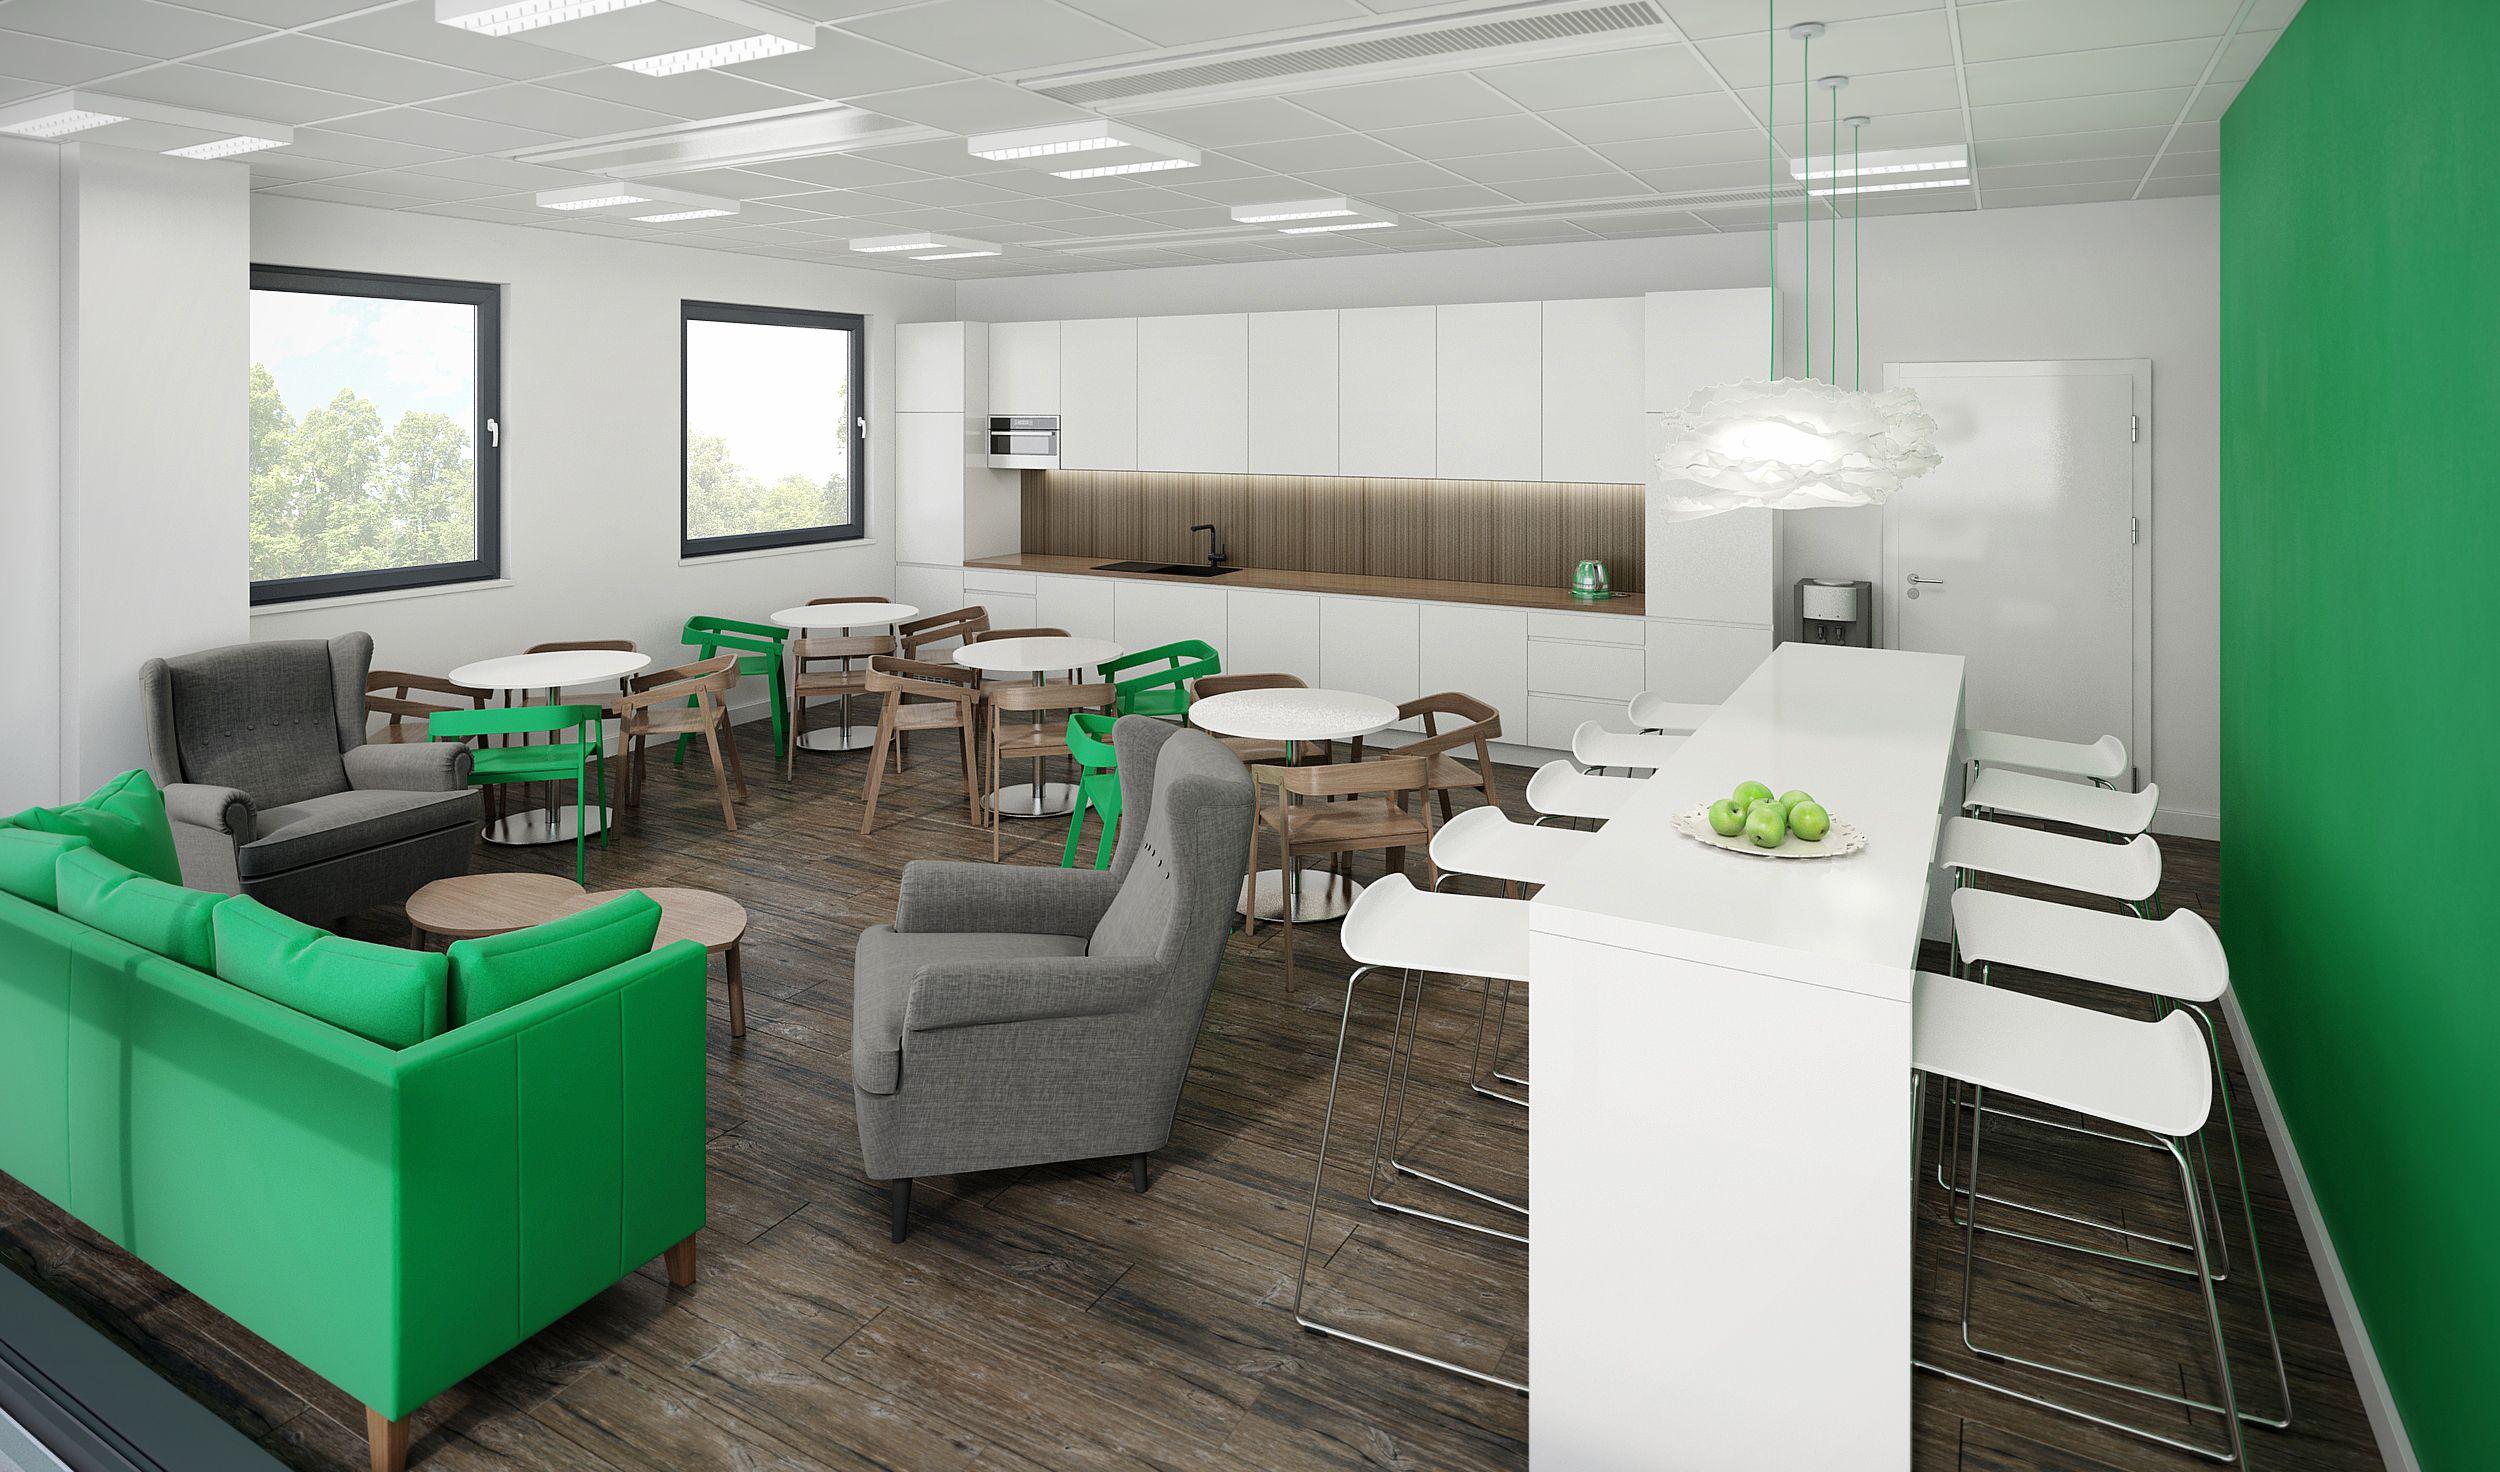 Pomieszczenie Socjalne Dla Selena W Silver Forum Wrocaw Kitchen For In The Office Building